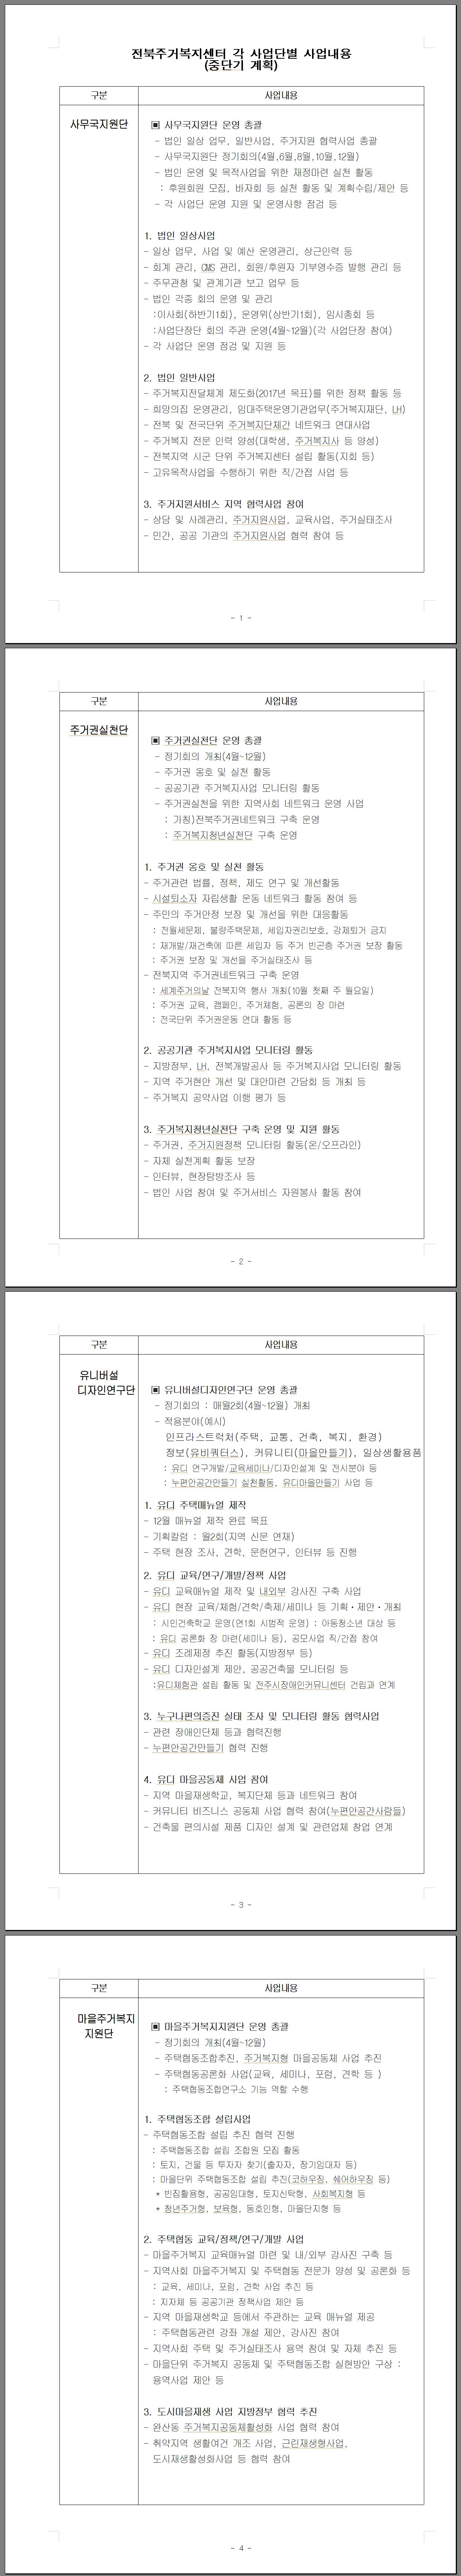 (중단기)전북주거복지센터 사업계획서.jpg